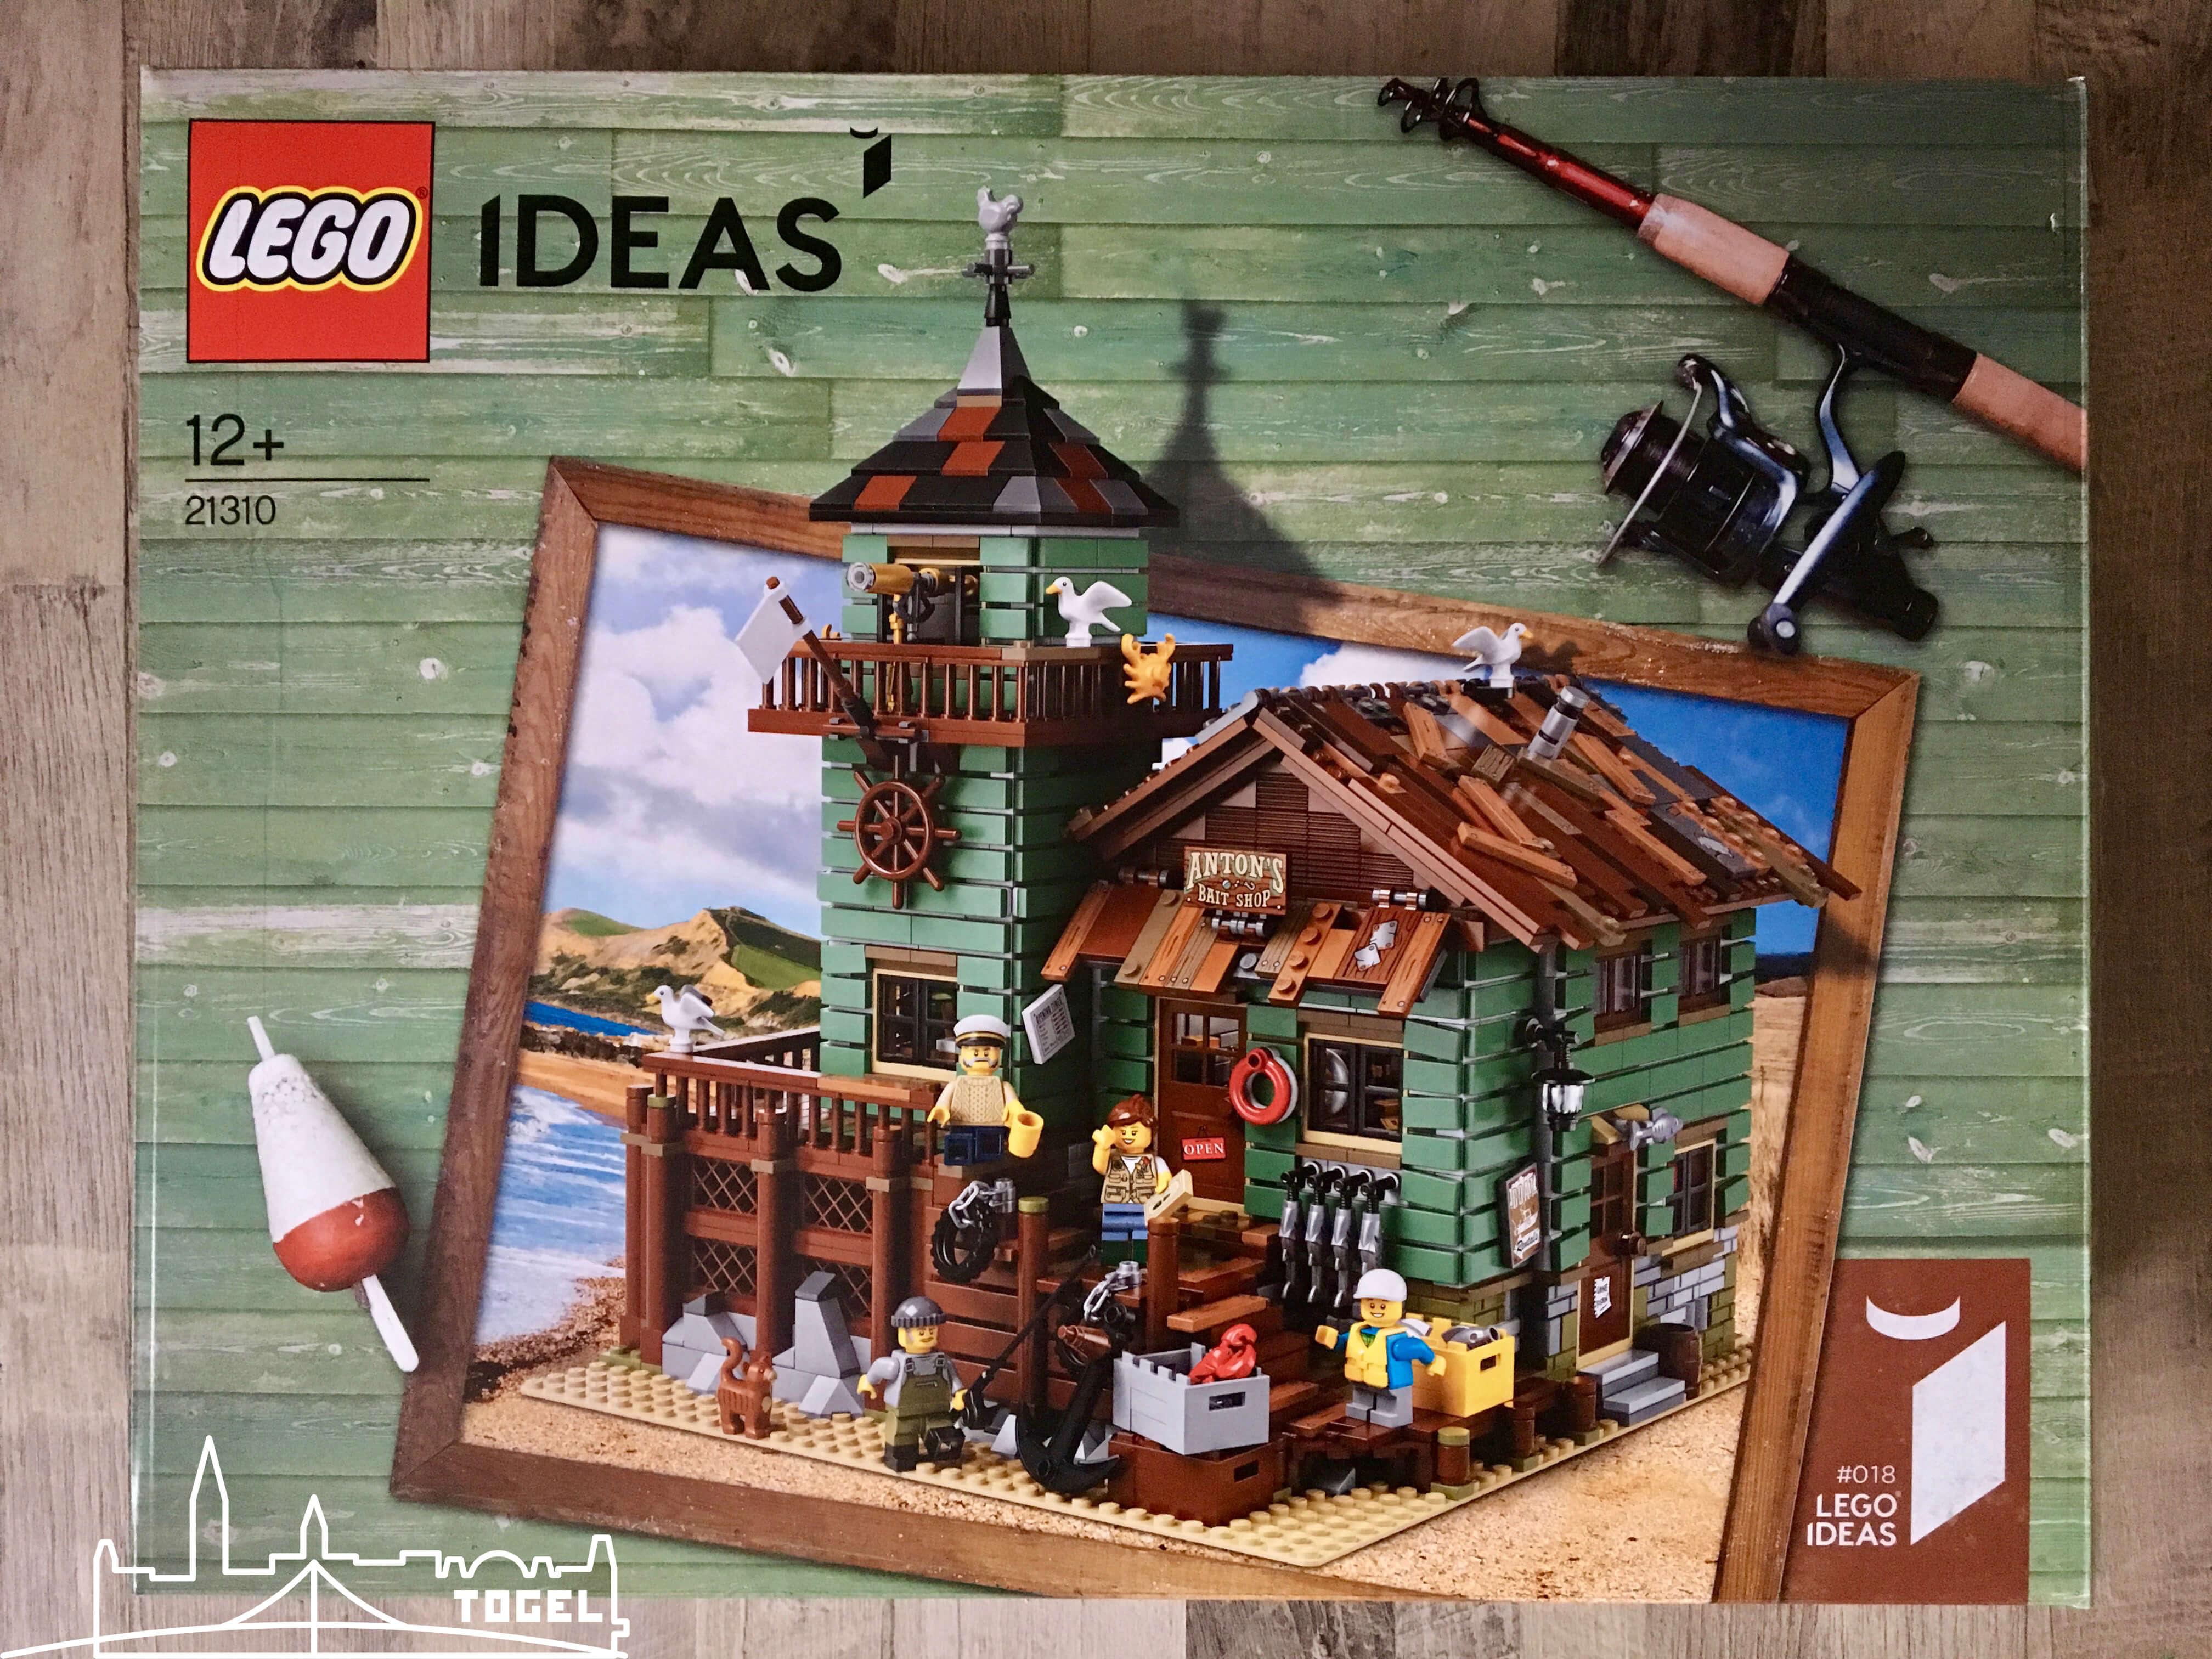 Lego Ideas Alter Angelladen Old fishing Store 21310 zählt zu den 5 besten Lego Sets 2017